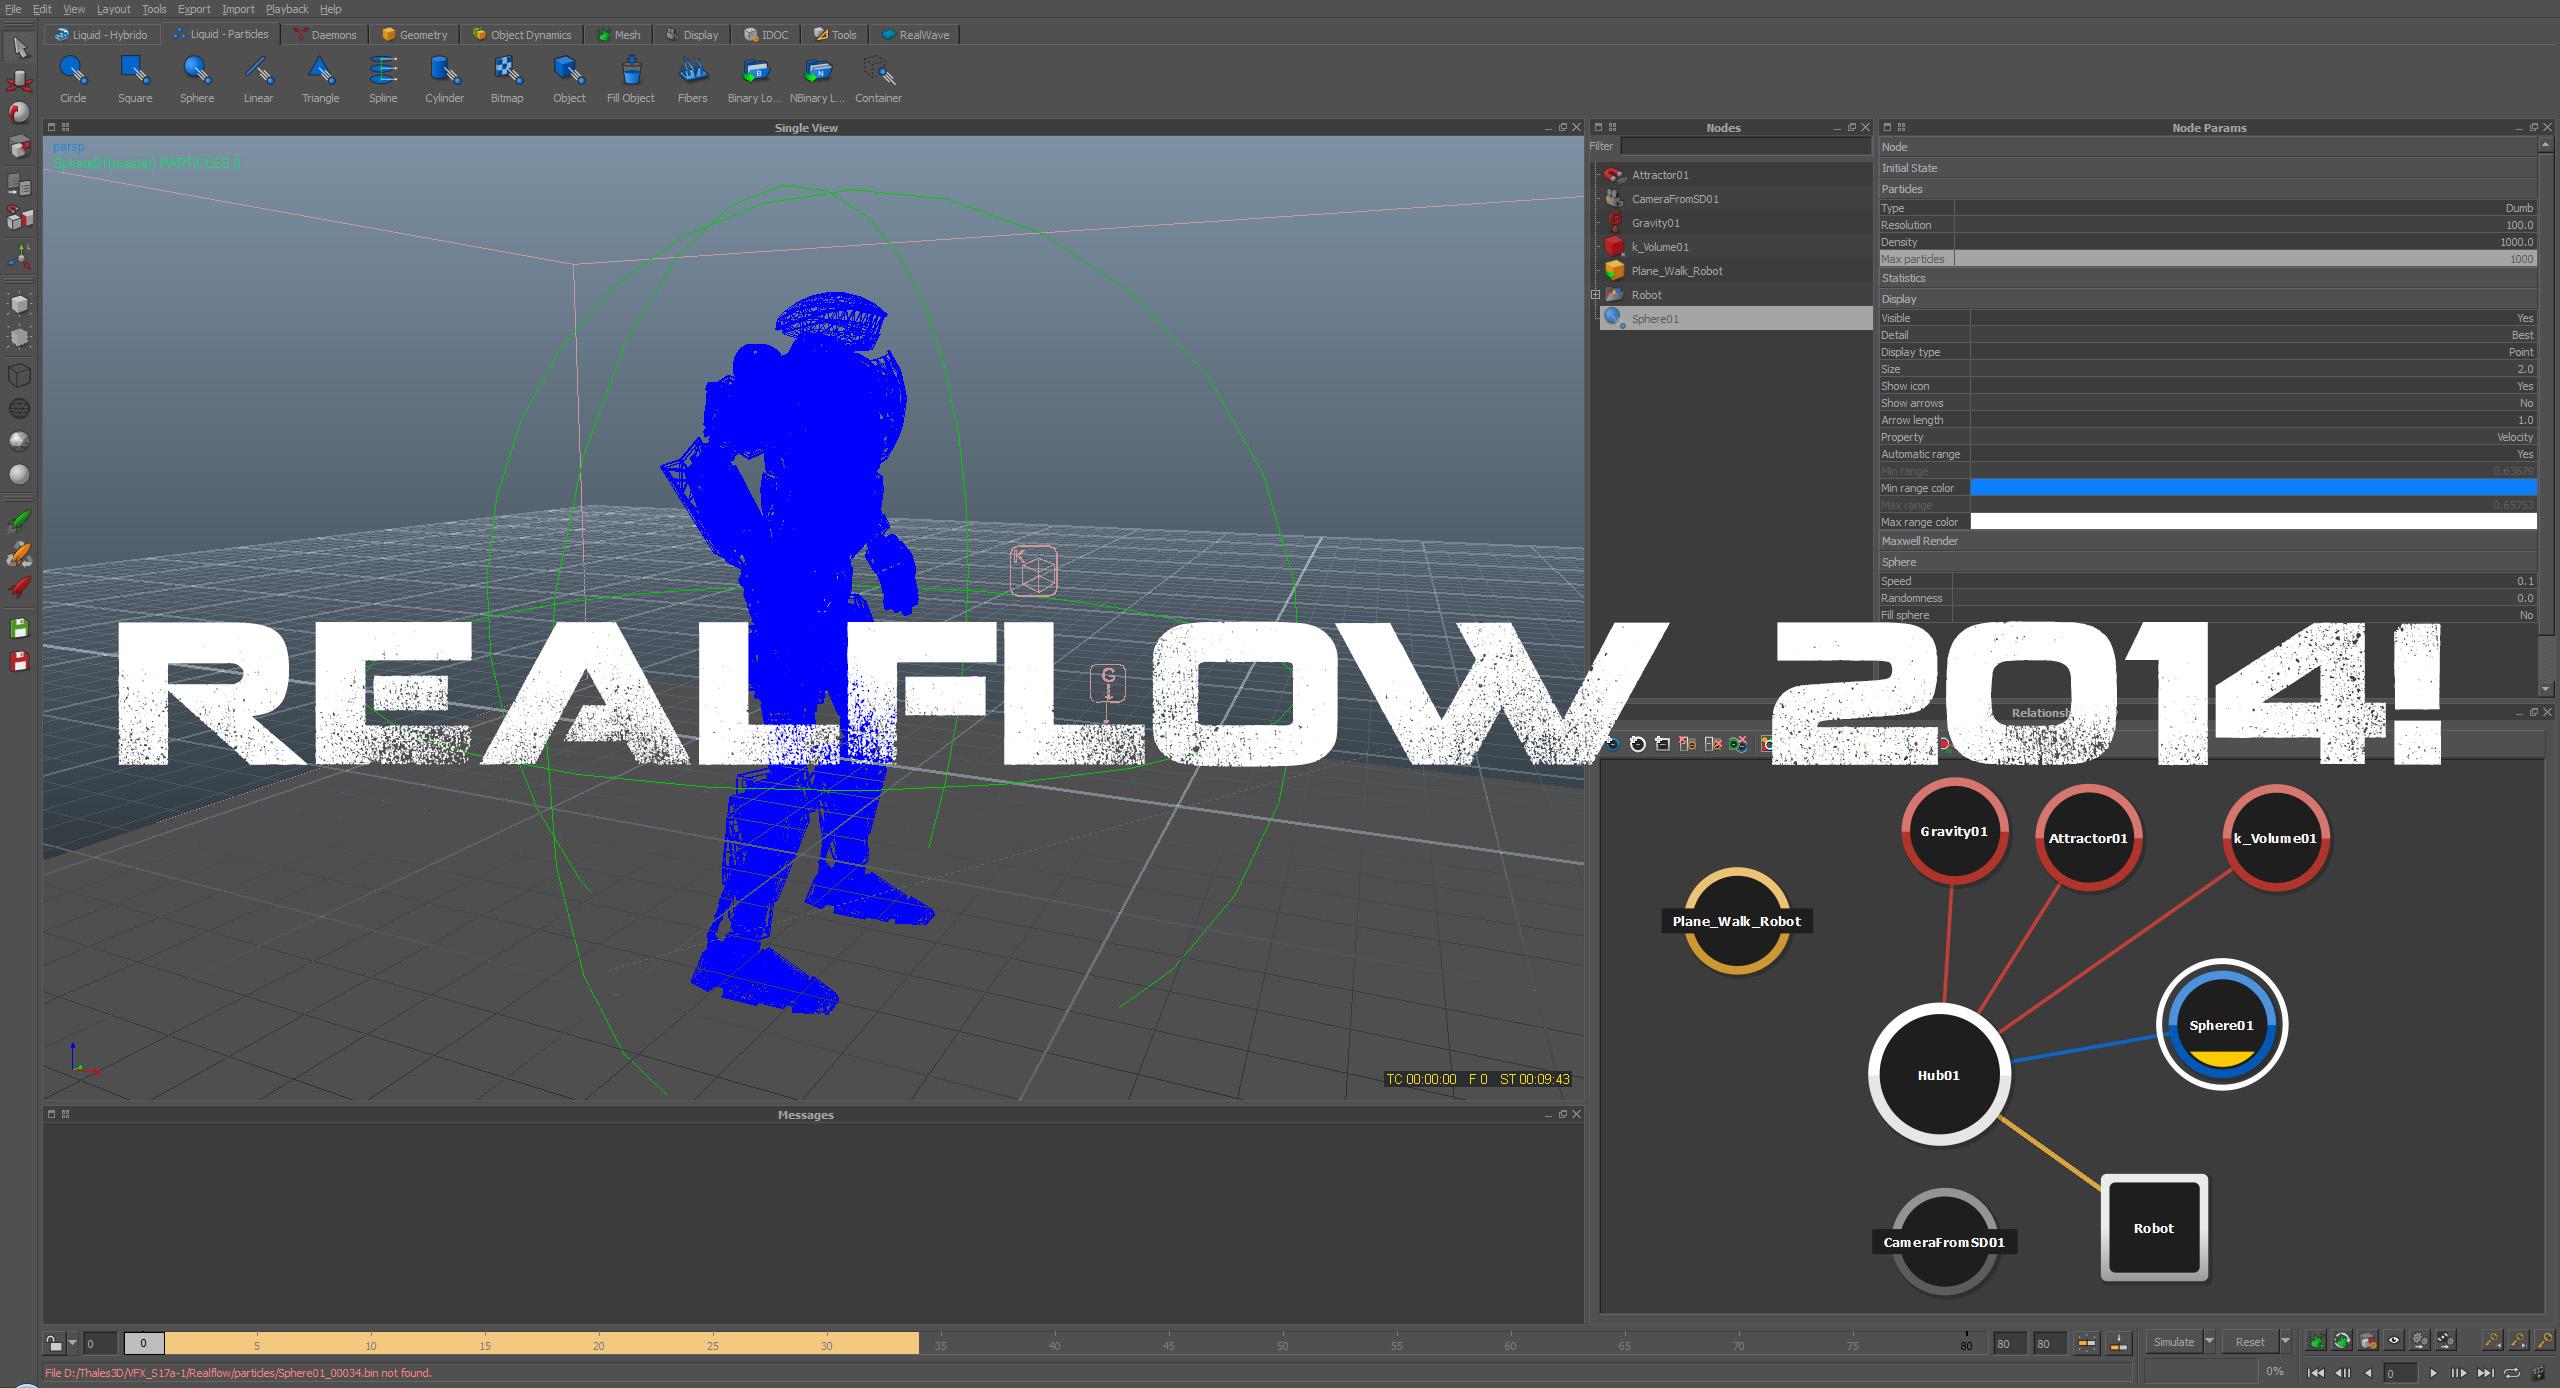 We got Realflow!